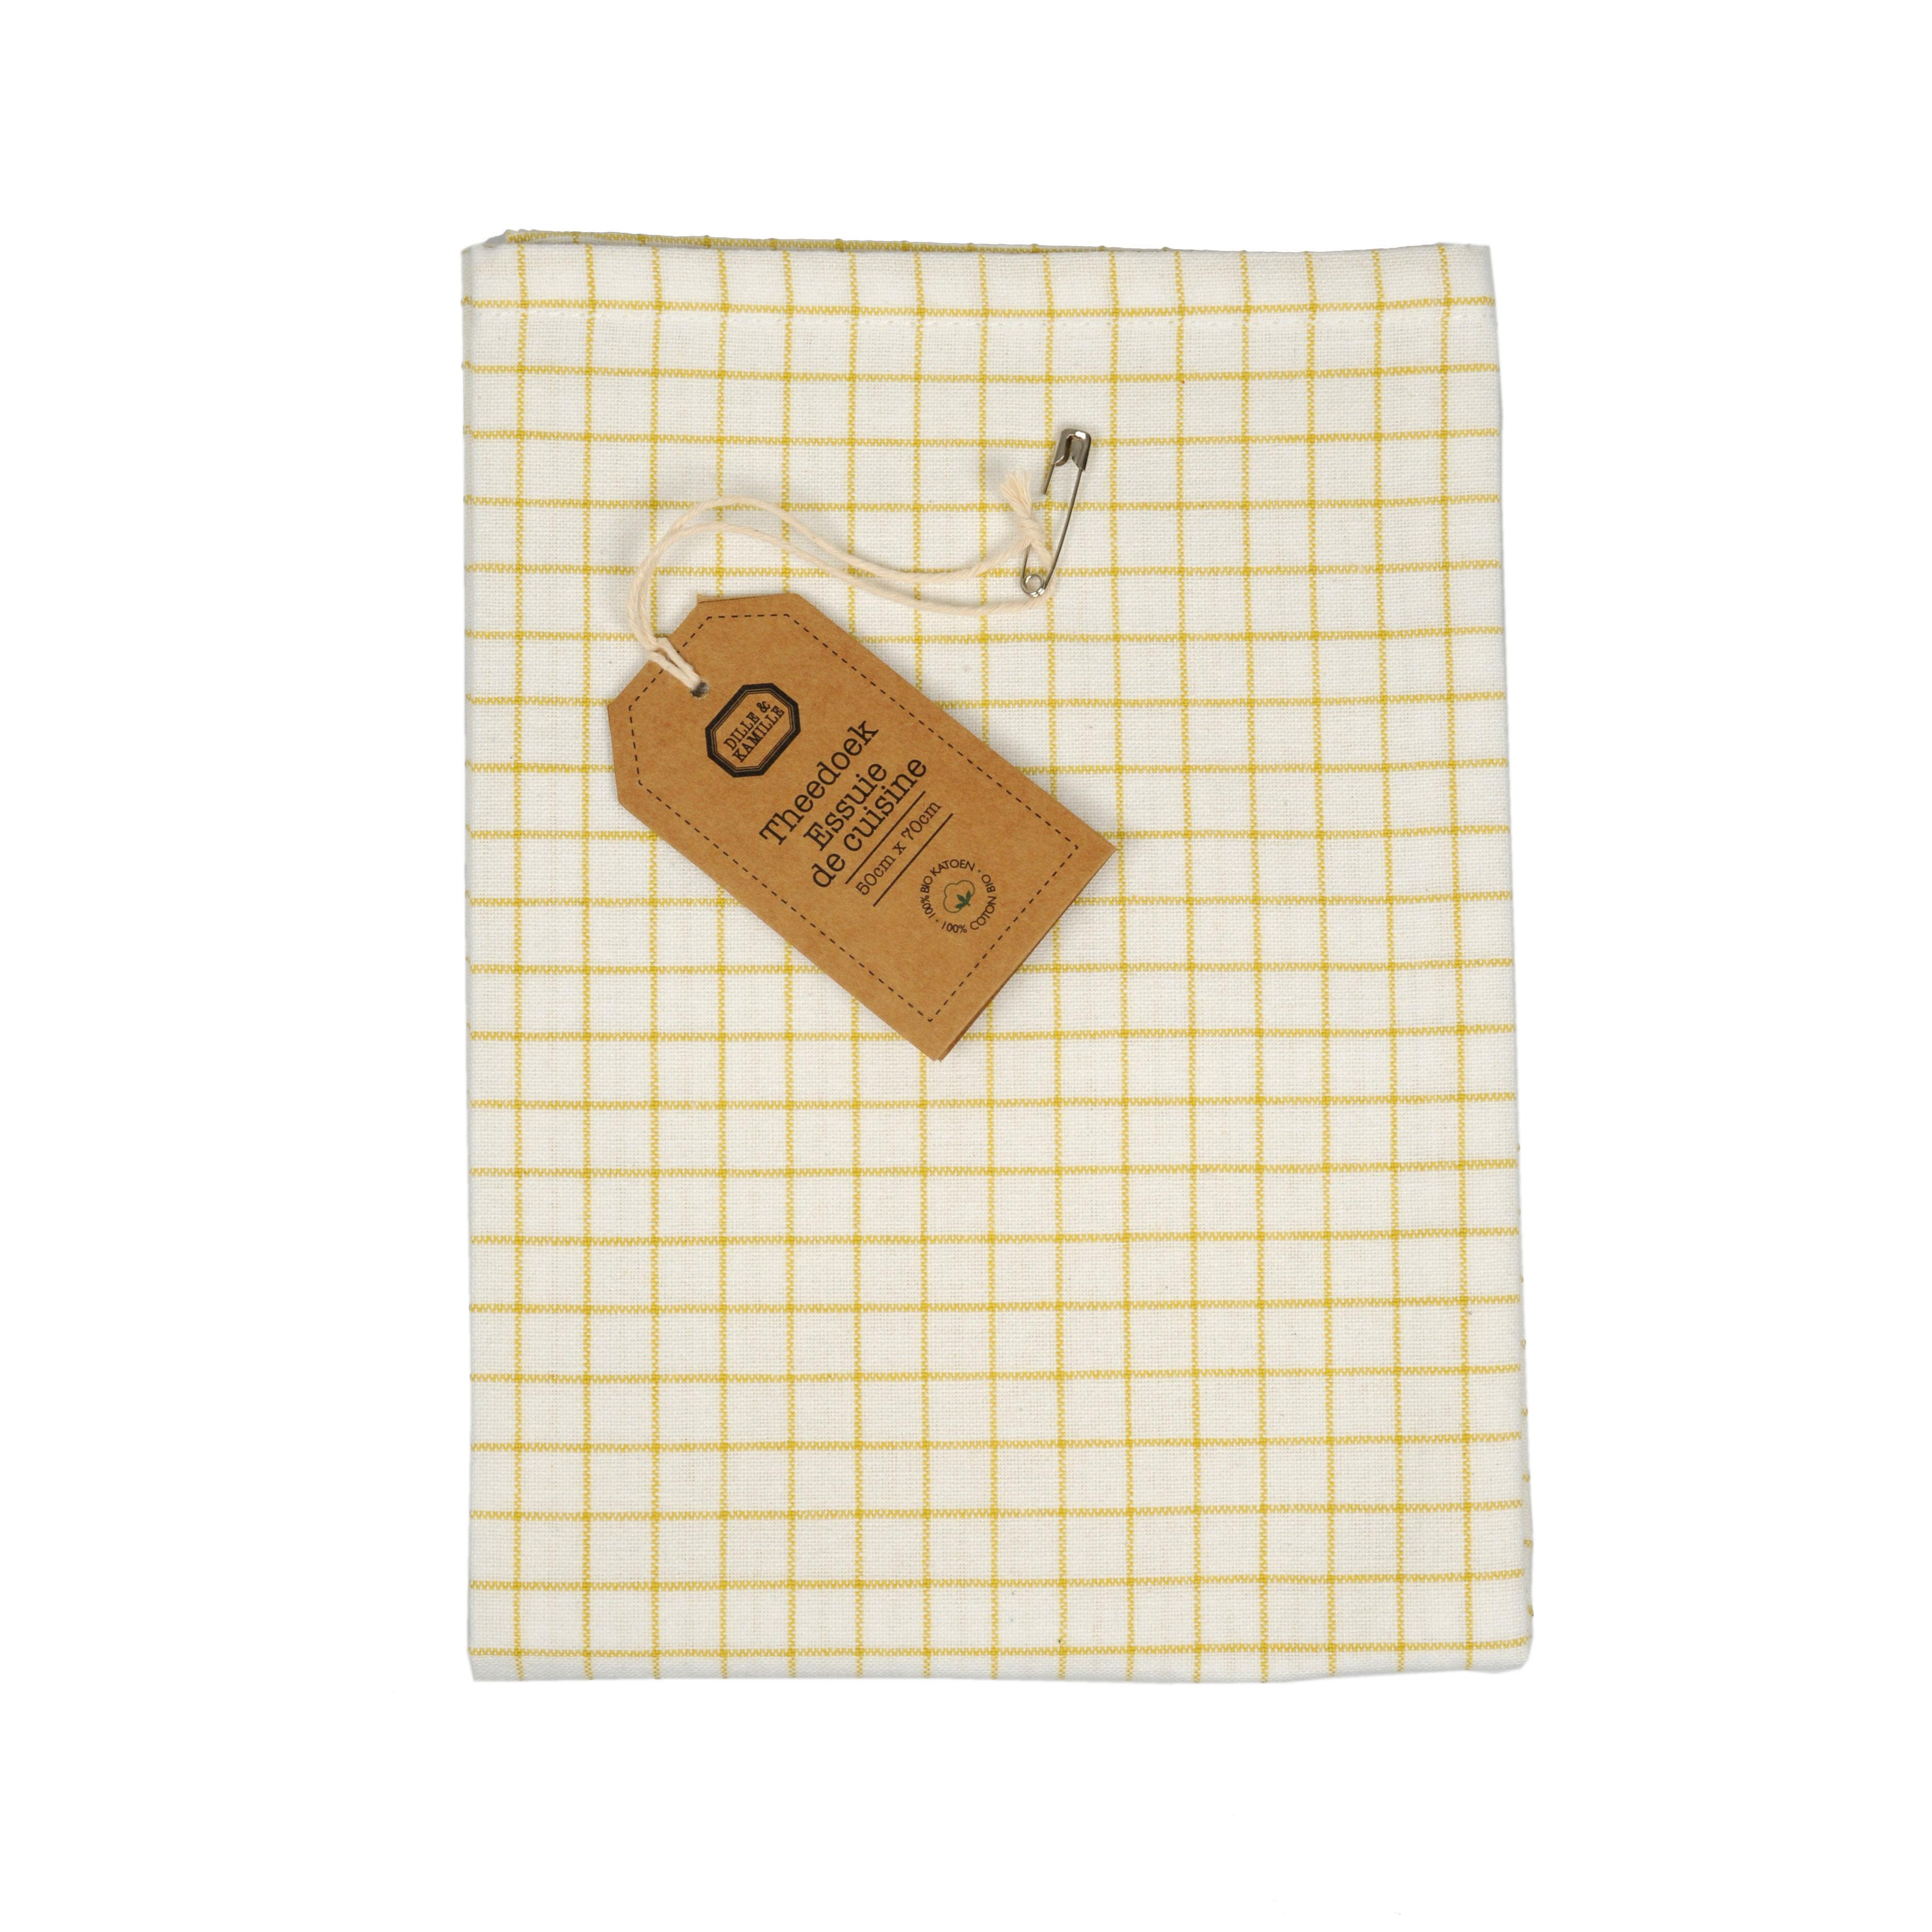 Dille&Kamille Torchon, coton bio, jaune clairà carreaux, 50 x 70 cm